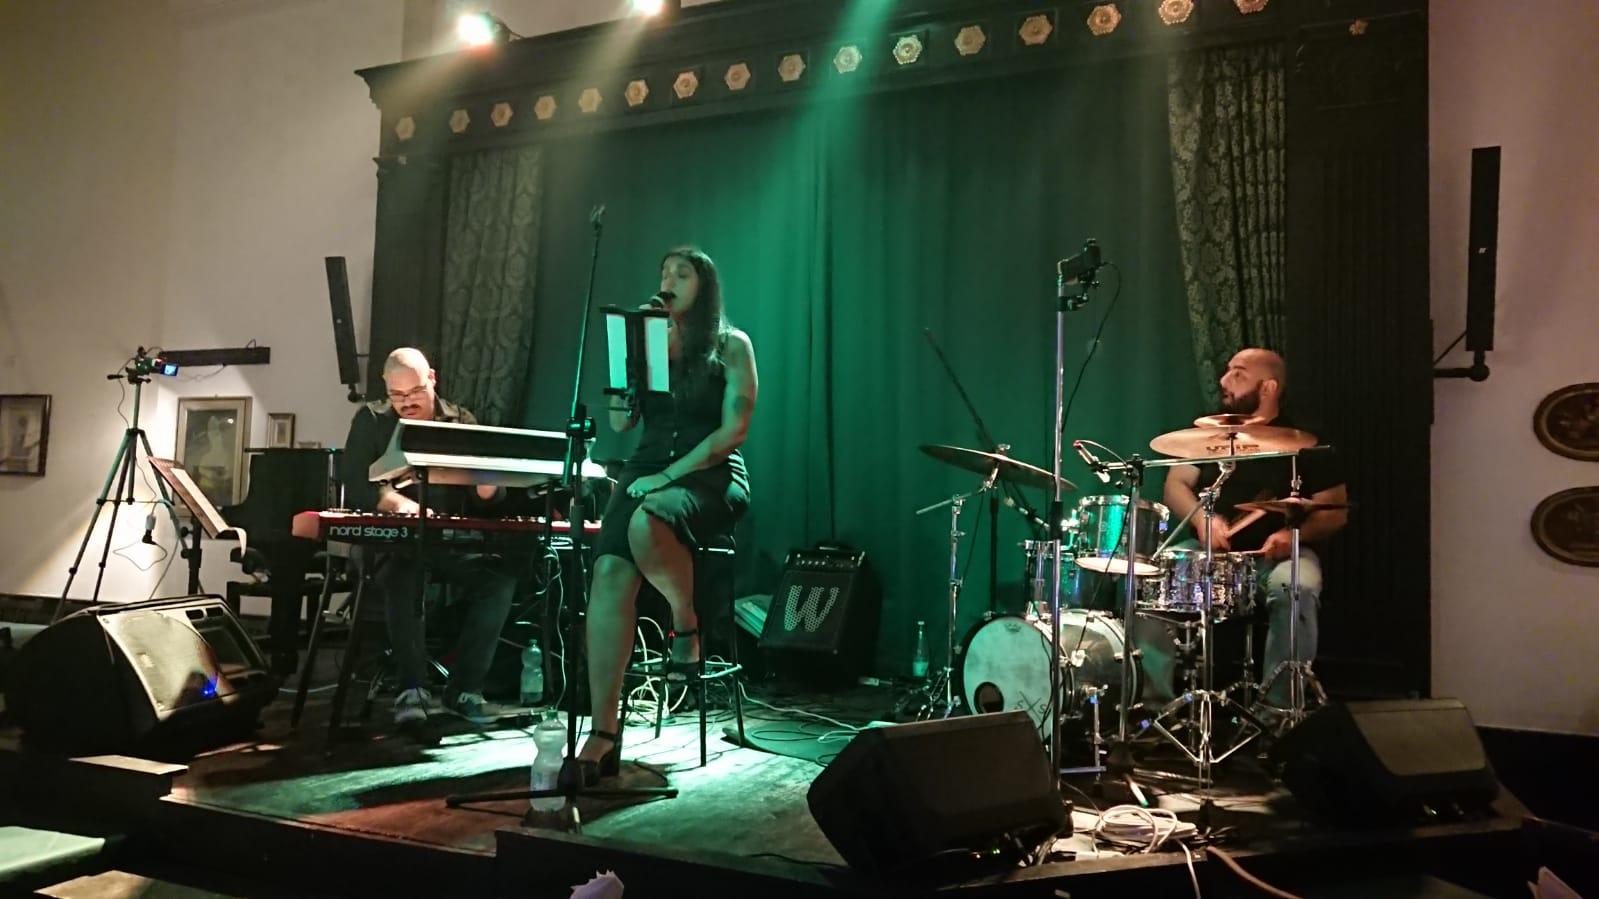 L'amore per la musica e la collaborazione con Ghemon: l'intervista a Wena